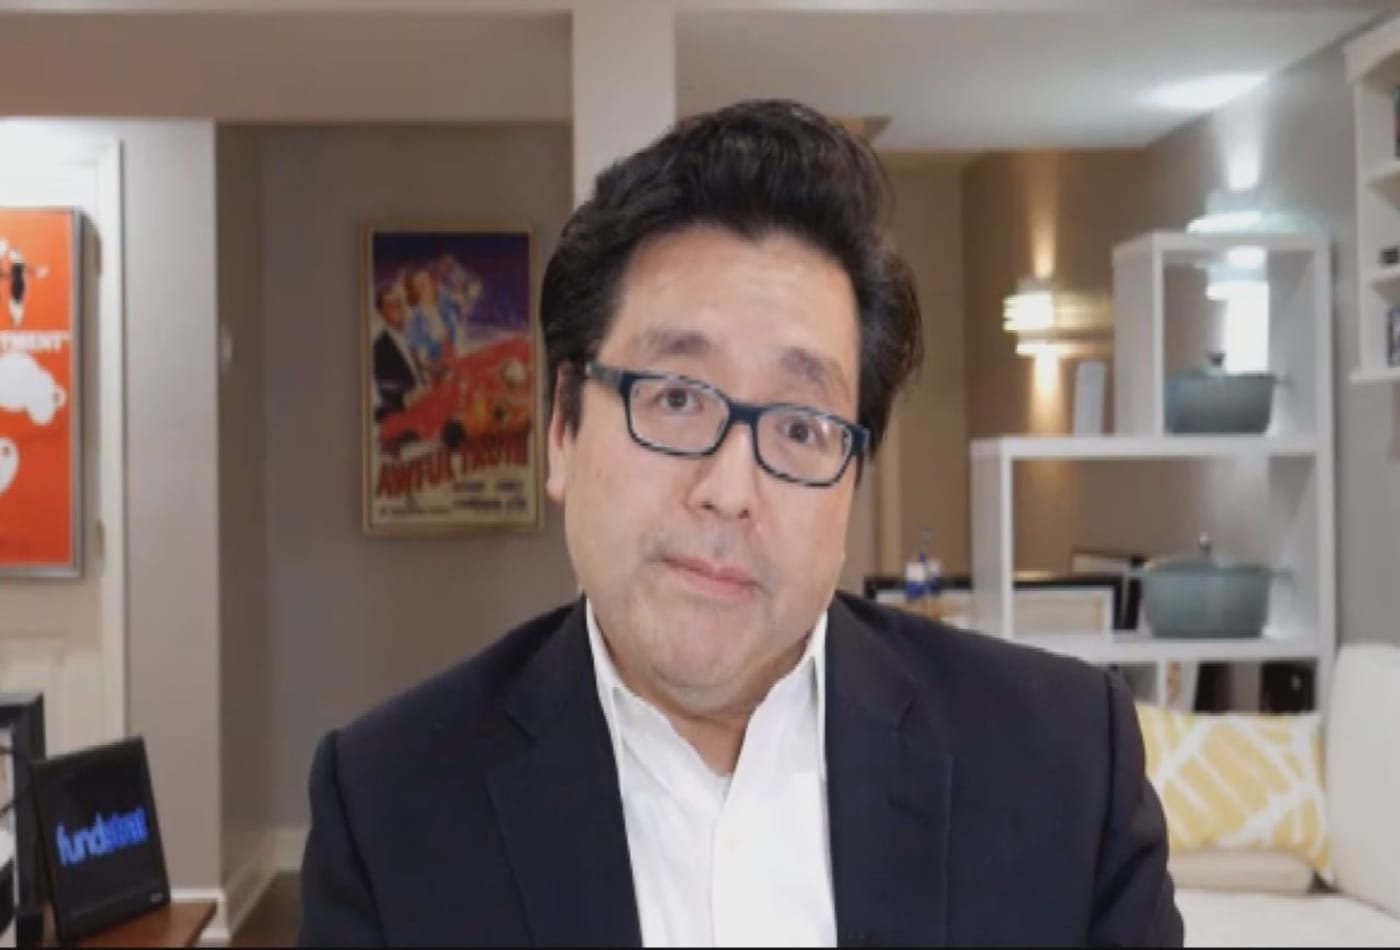 CNBC celebrates AAPI Heritage Month: Fundstrat's Tom Lee on giving back